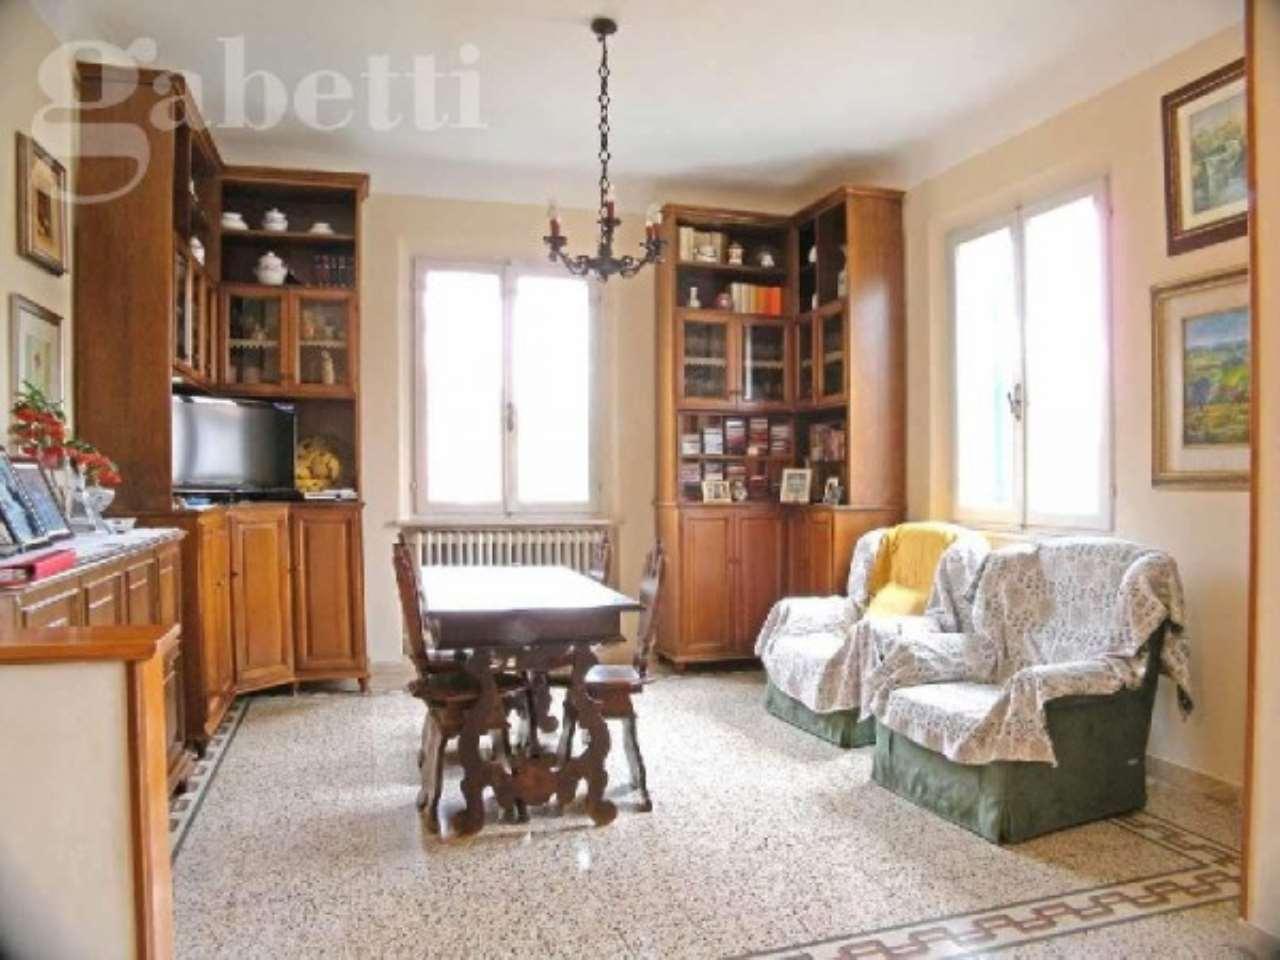 Villa in vendita a Senigallia, 5 locali, Trattative riservate | CambioCasa.it